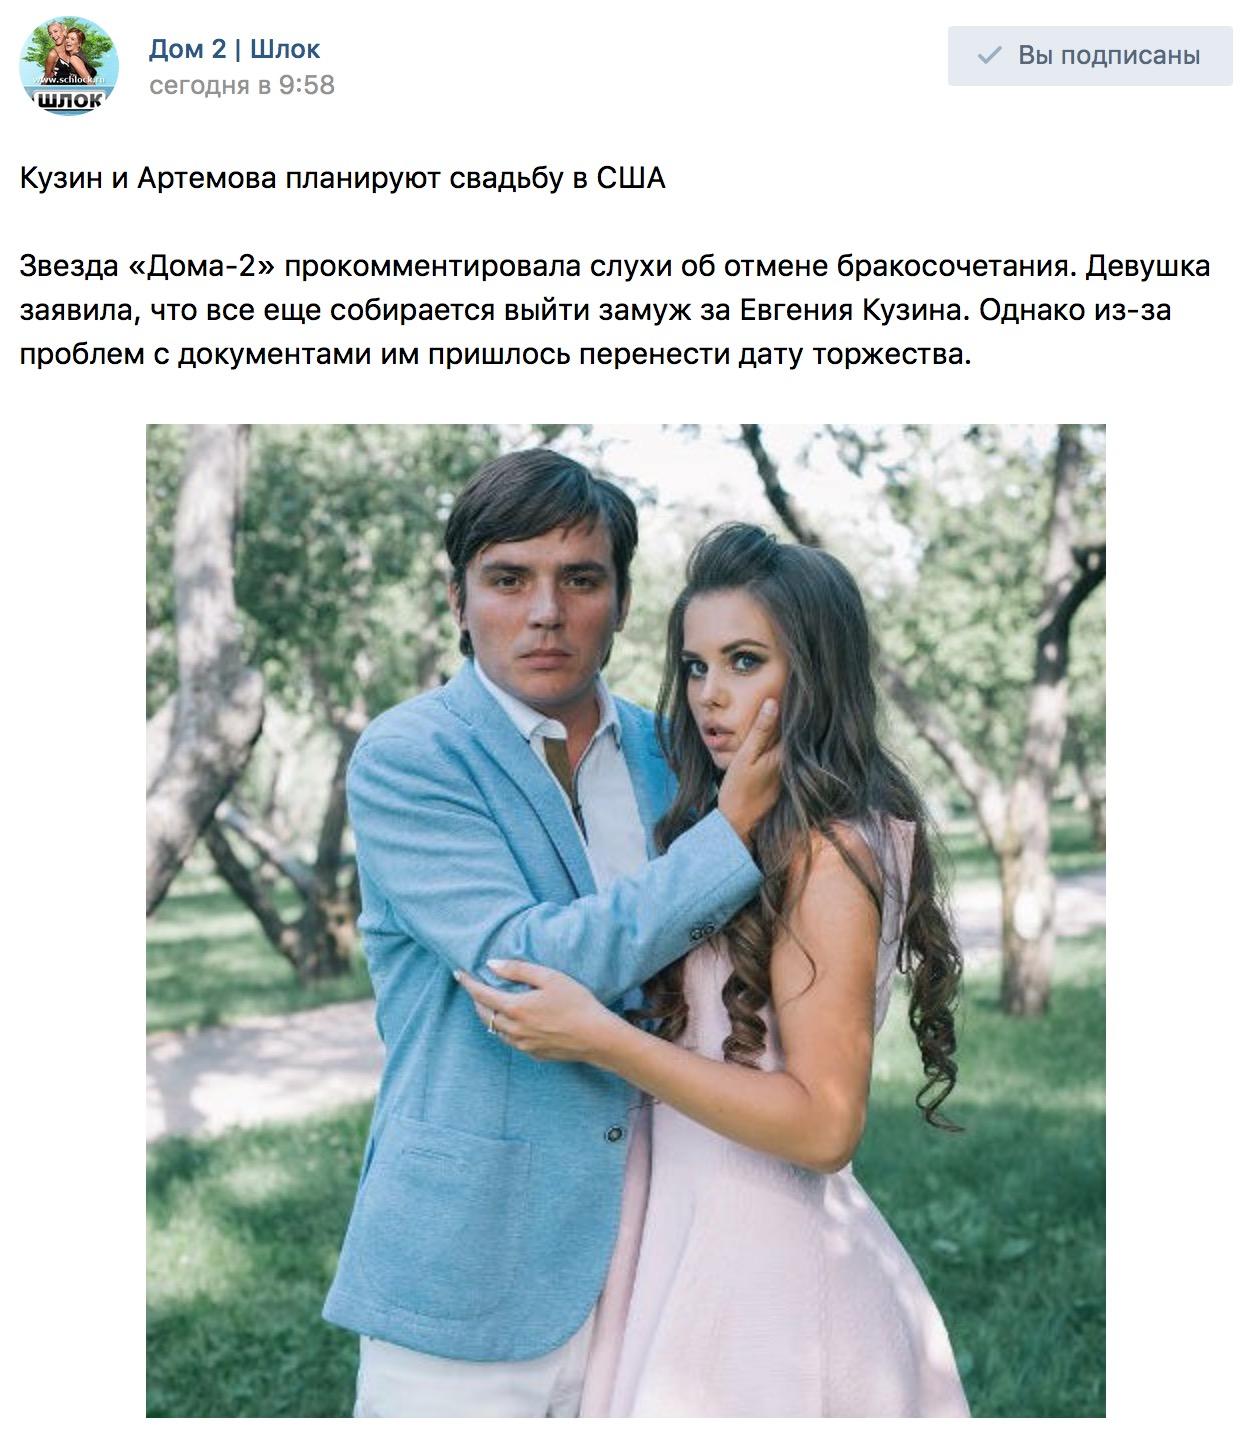 Кузин и Артемова планируют свадьбу в США Часть 2